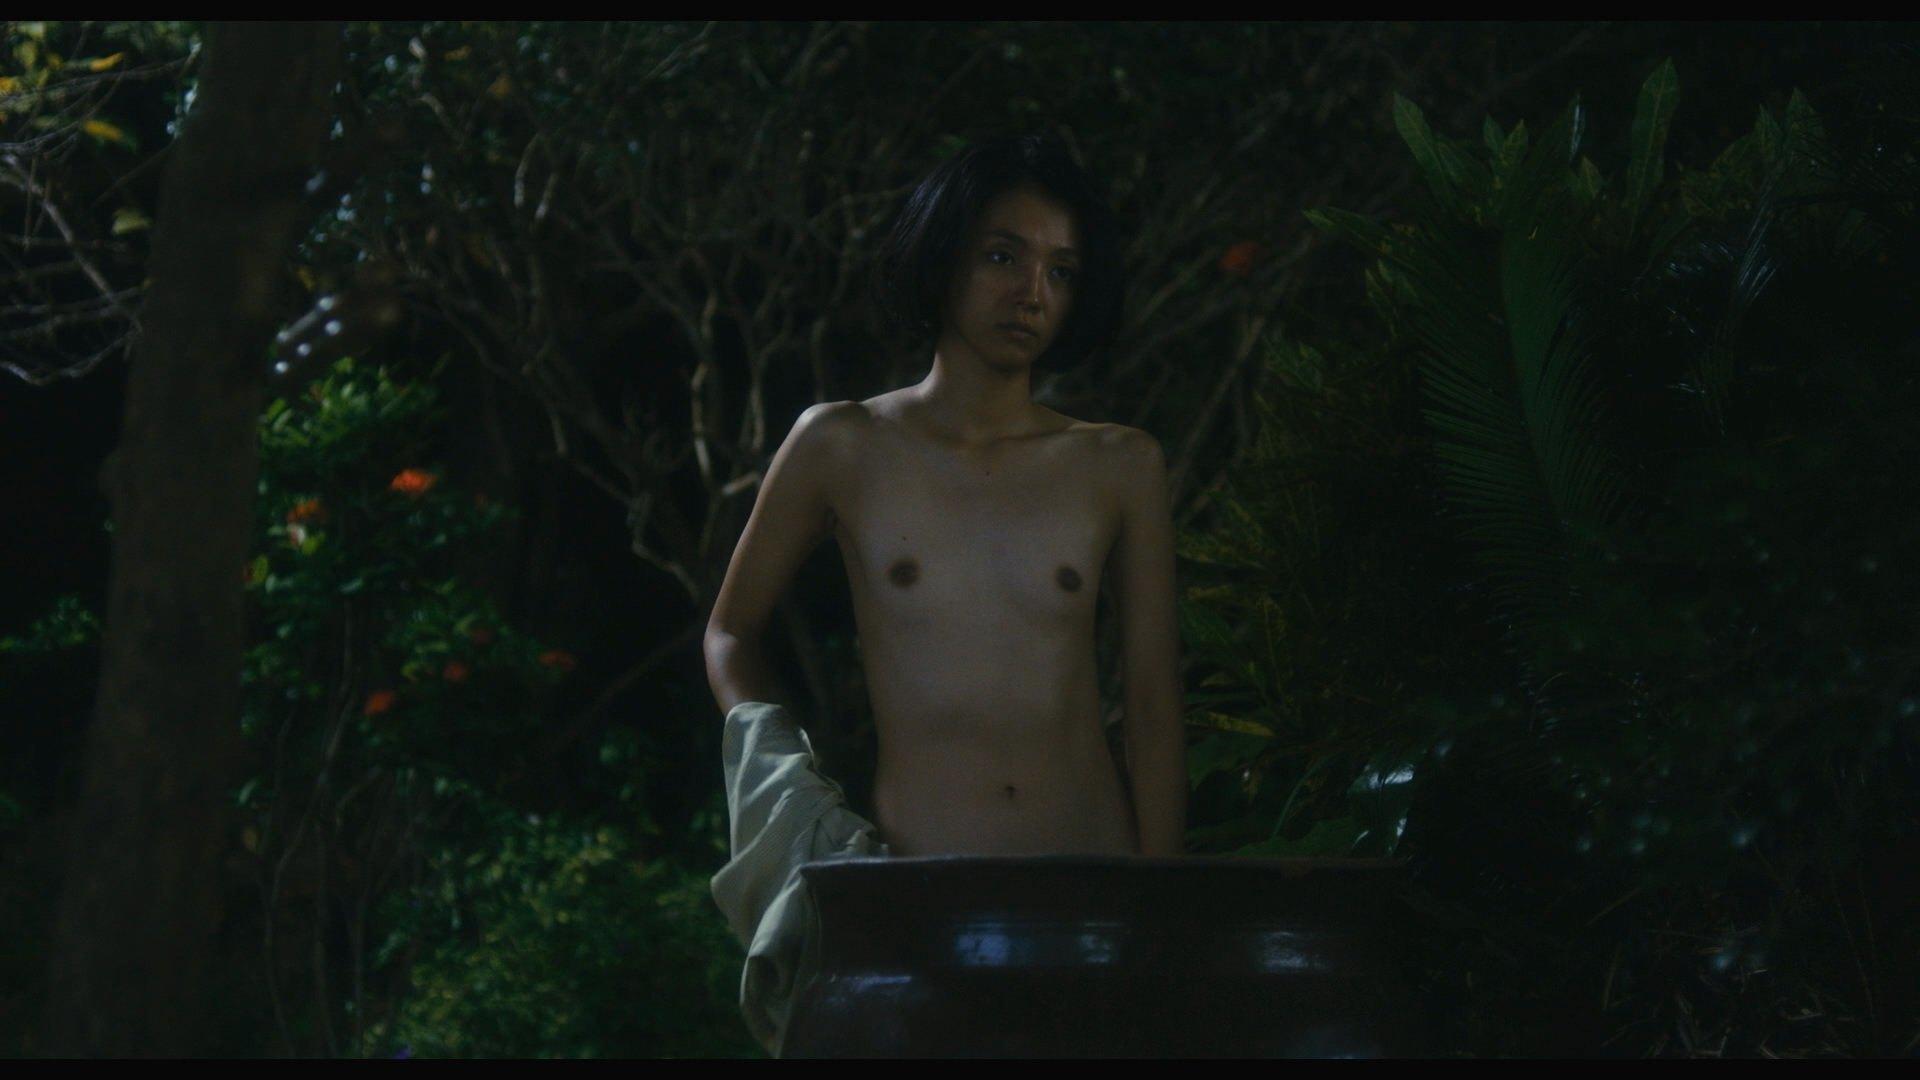 満島ひかりが映画で脱いでいた☆☆☆wwwwwwwwwwwwww(チクビぬーど)